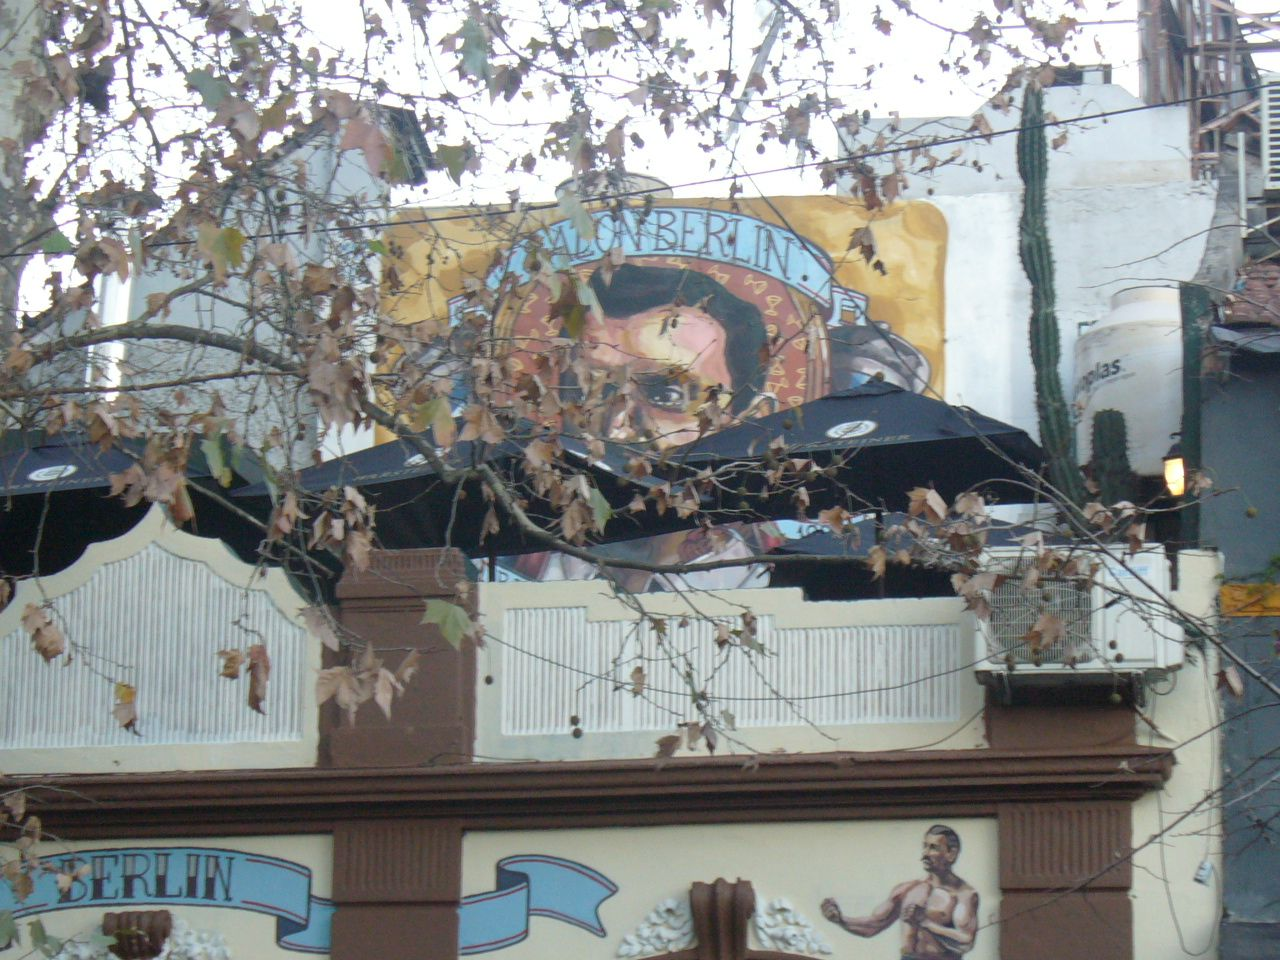 mural y frente de salón berlin (Palermo) bs. as....realizado por elmarian & pablokno